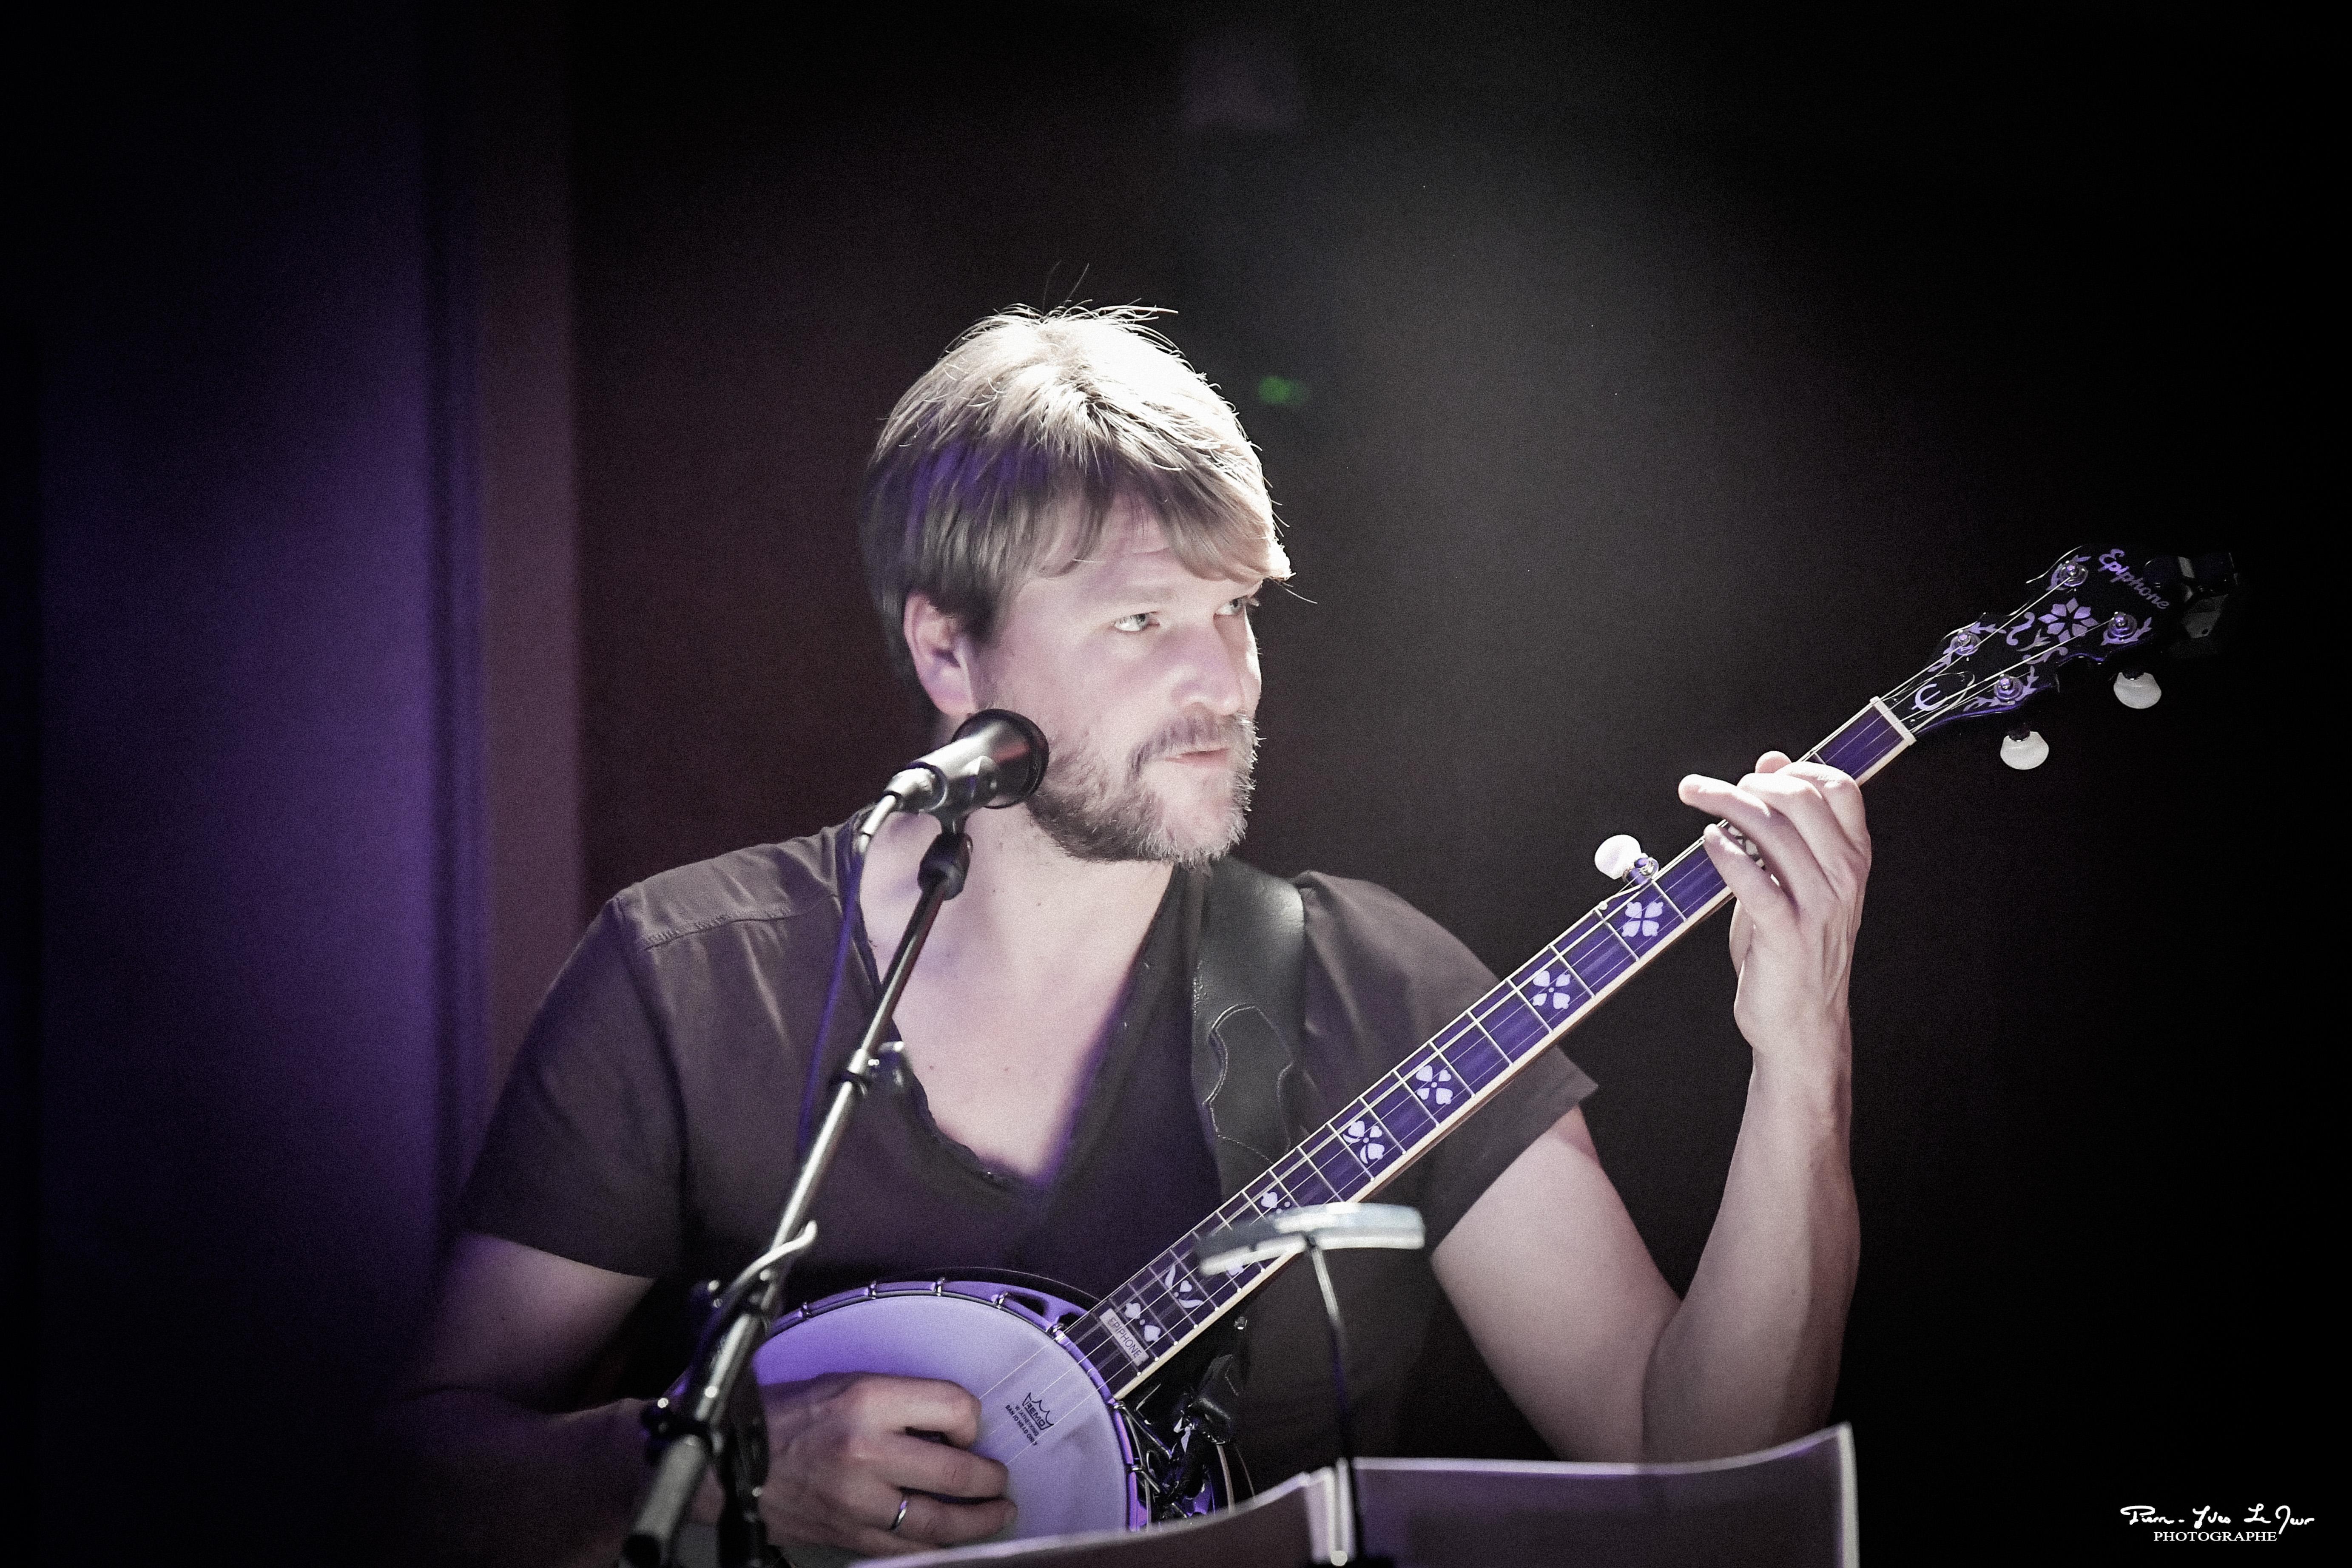 Fabien Kerbarch